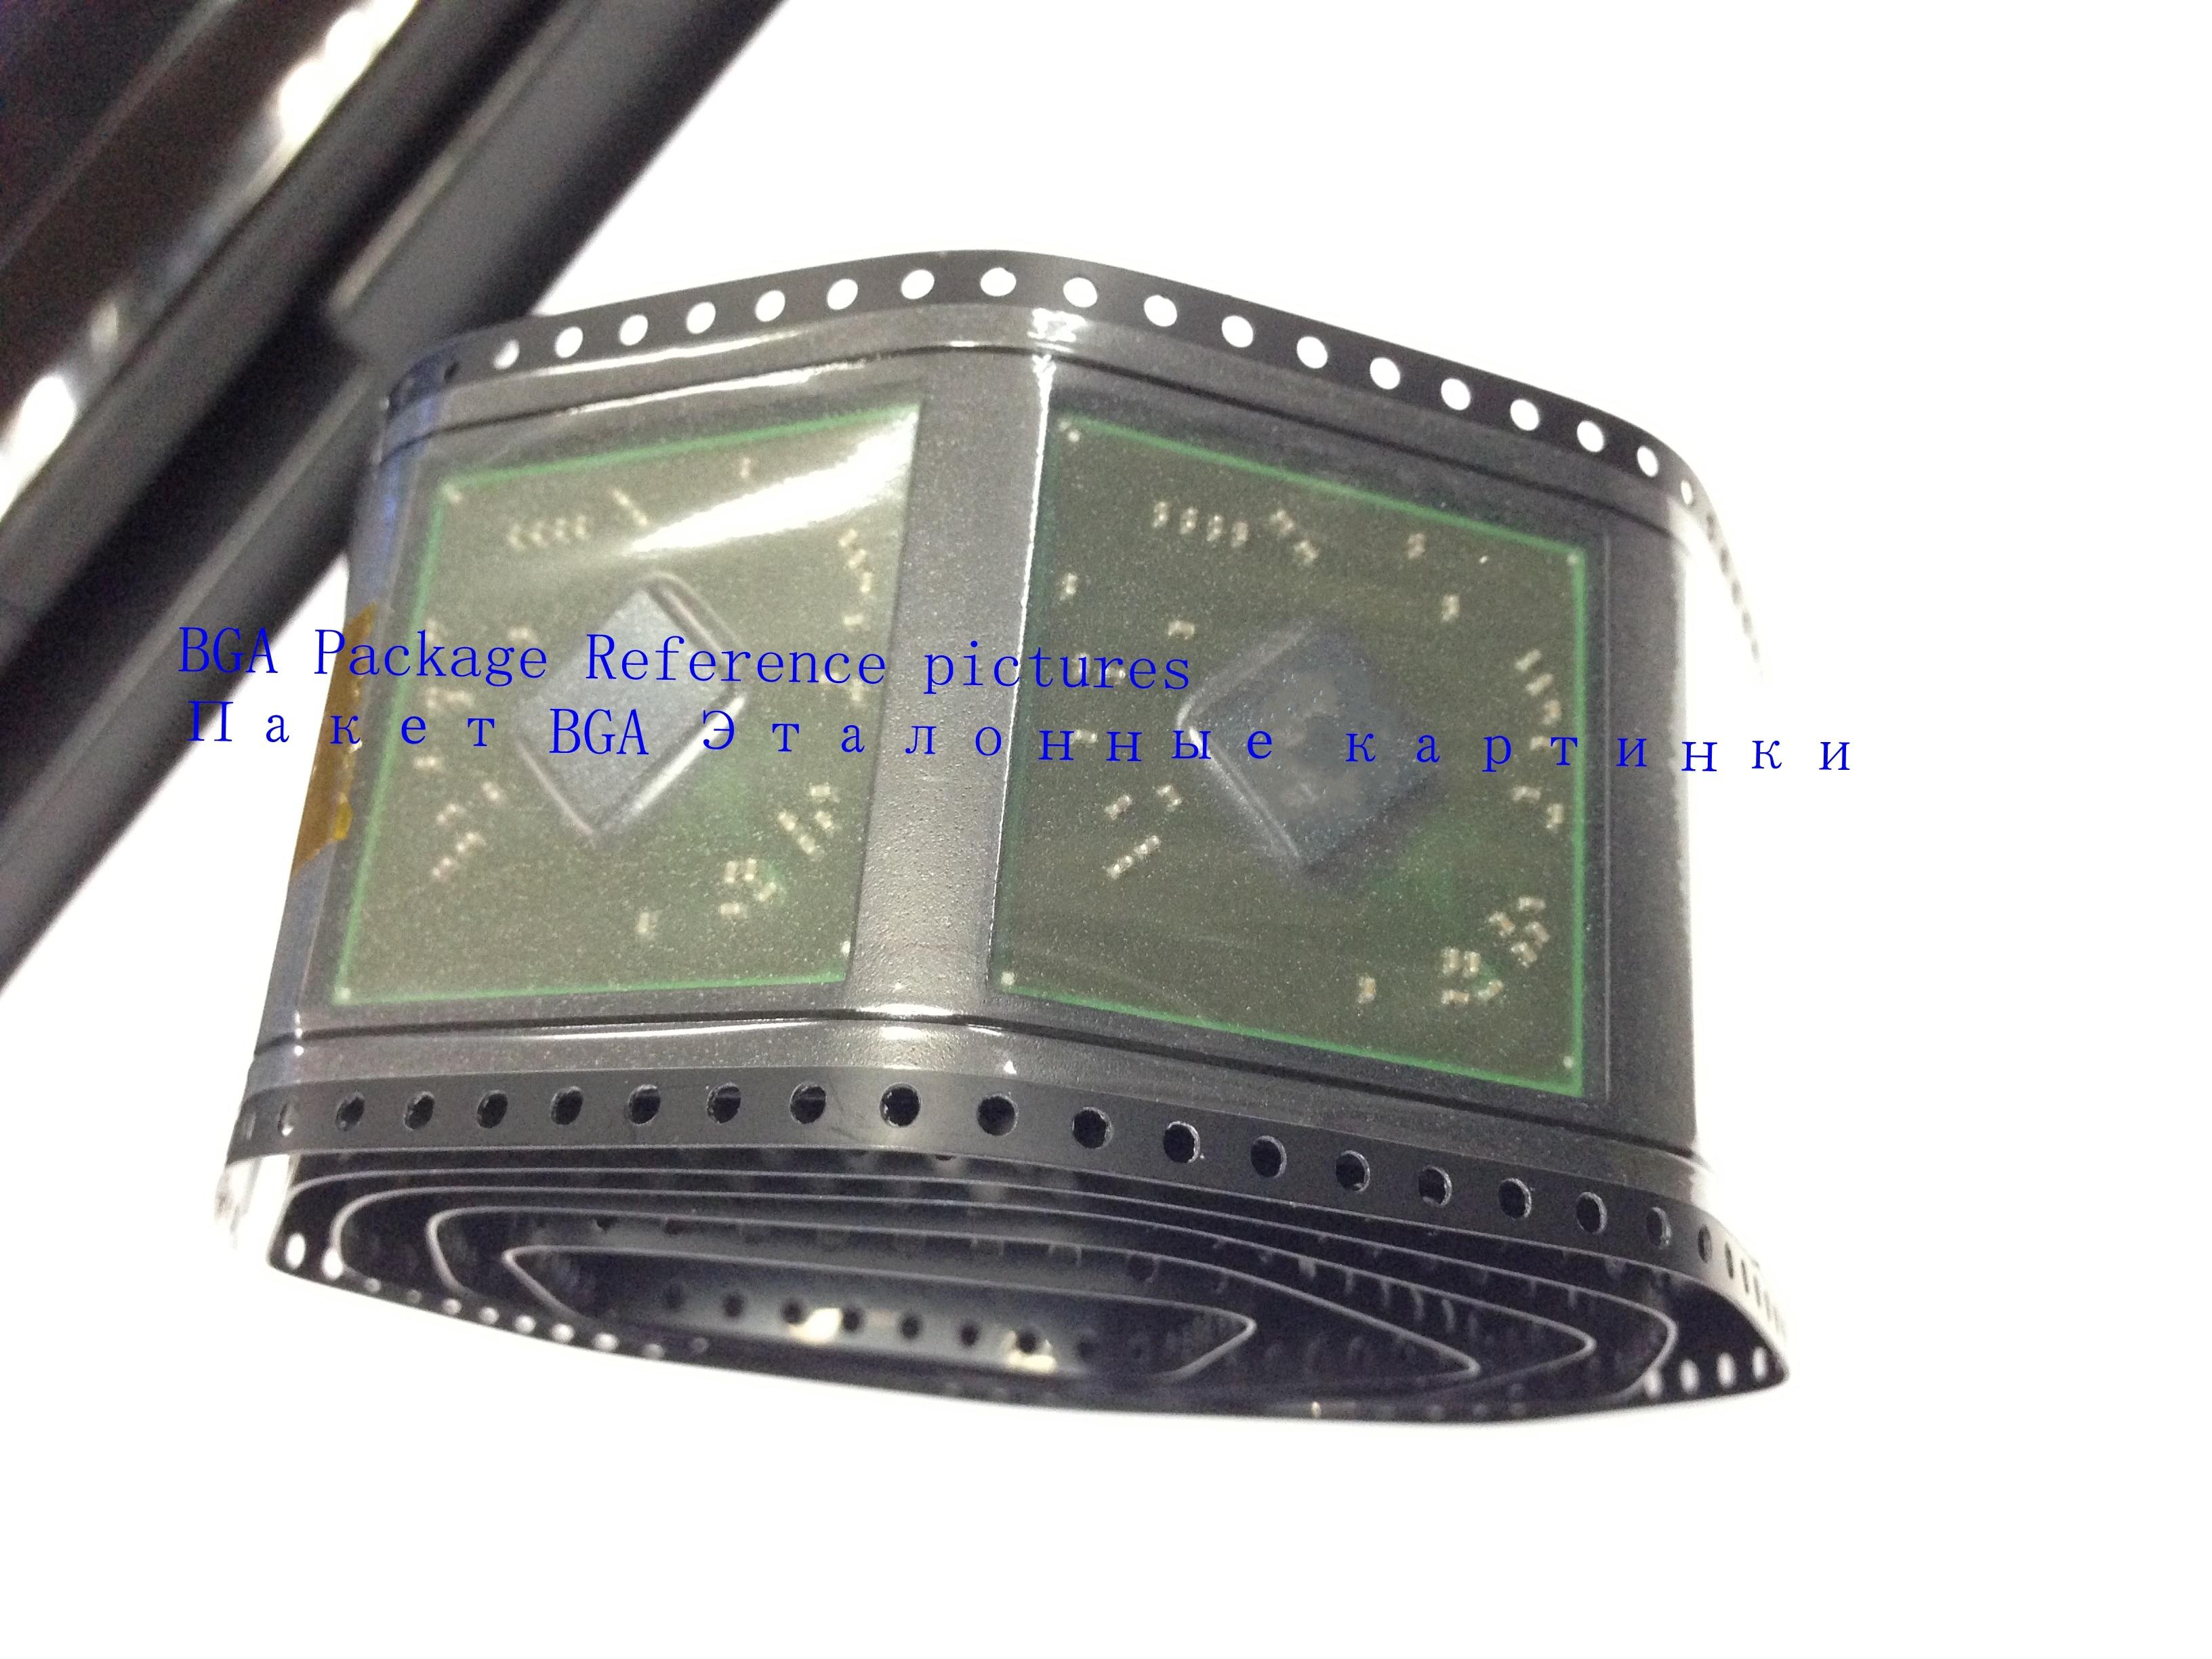 1 pcs/lot DC: 2011 + 100% Nouveau G84-603-A2 G84 603 A2 128Bit 256 MB BGA Chipset1 pcs/lot DC: 2011 + 100% Nouveau G84-603-A2 G84 603 A2 128Bit 256 MB BGA Chipset